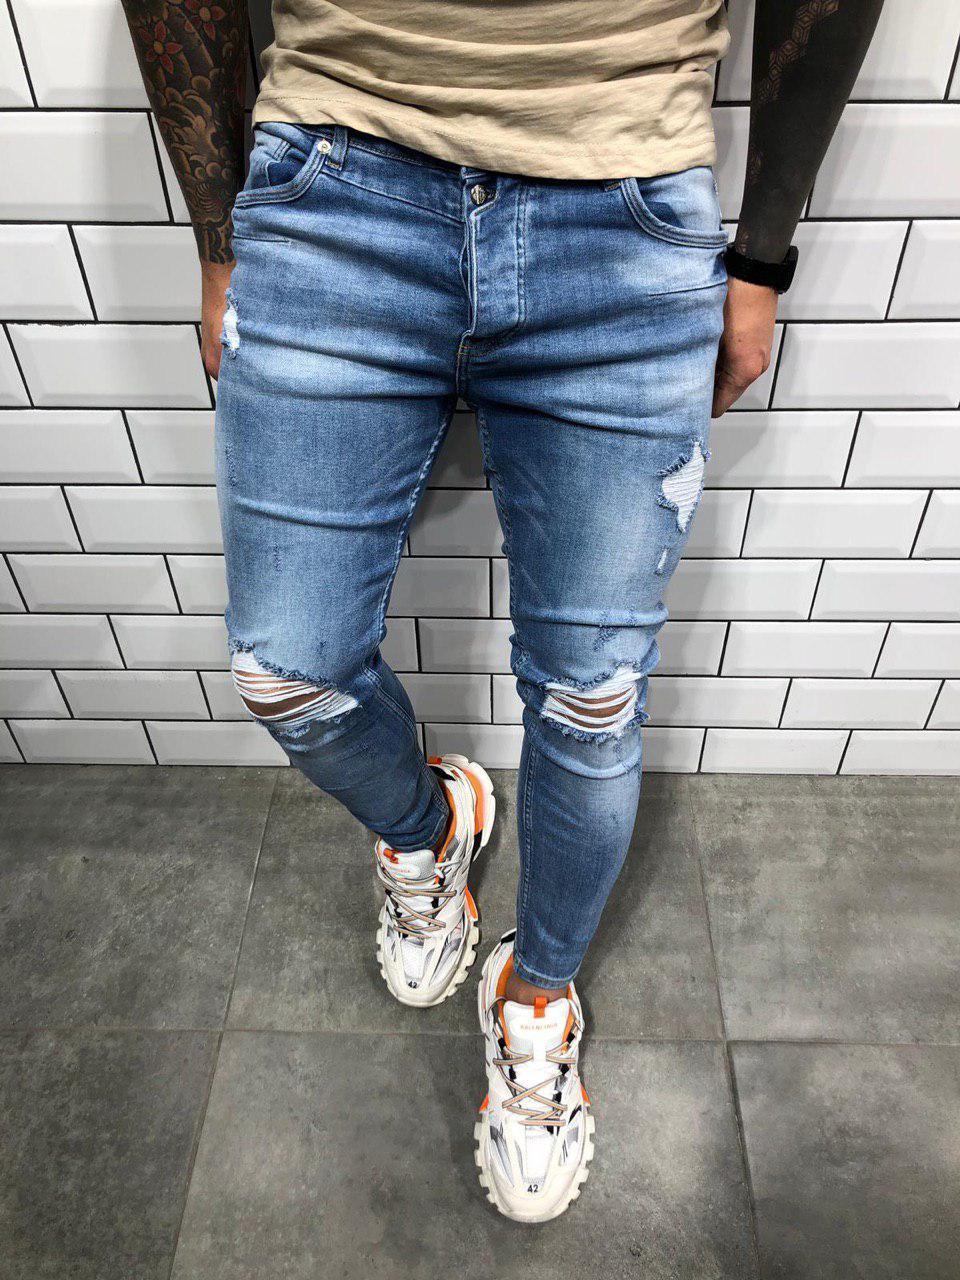 a8176fe656a Джинсы мужские синие рваные зауженные весна лето осень ТОП КАЧЕСТВО мужские  джинсы 30